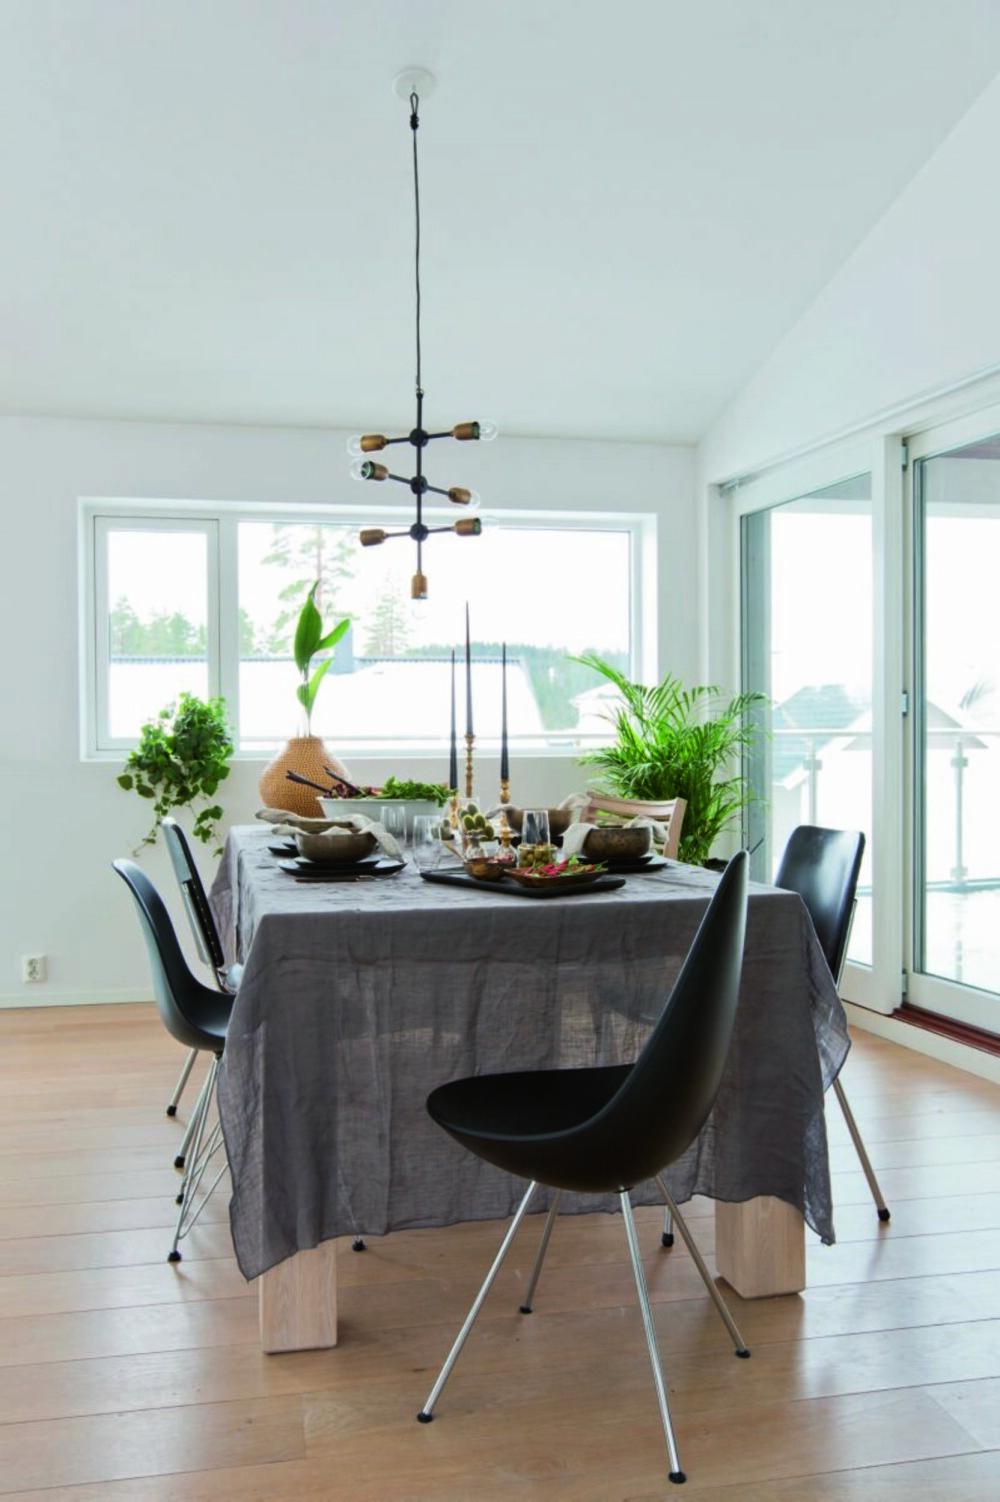 Husets hjerte. Anna og familien bruker ikke så mye tid på kjøkkenet, men spisebordet er et samlingspunkt. Store vinduer og direkte adgang til uteplass gir en deilig frihetsfølelse. Spisestolene er fra ulike bruktmarkeder, Living og Fritz Hansen. Taklampen Molecular er fra House Doctor.